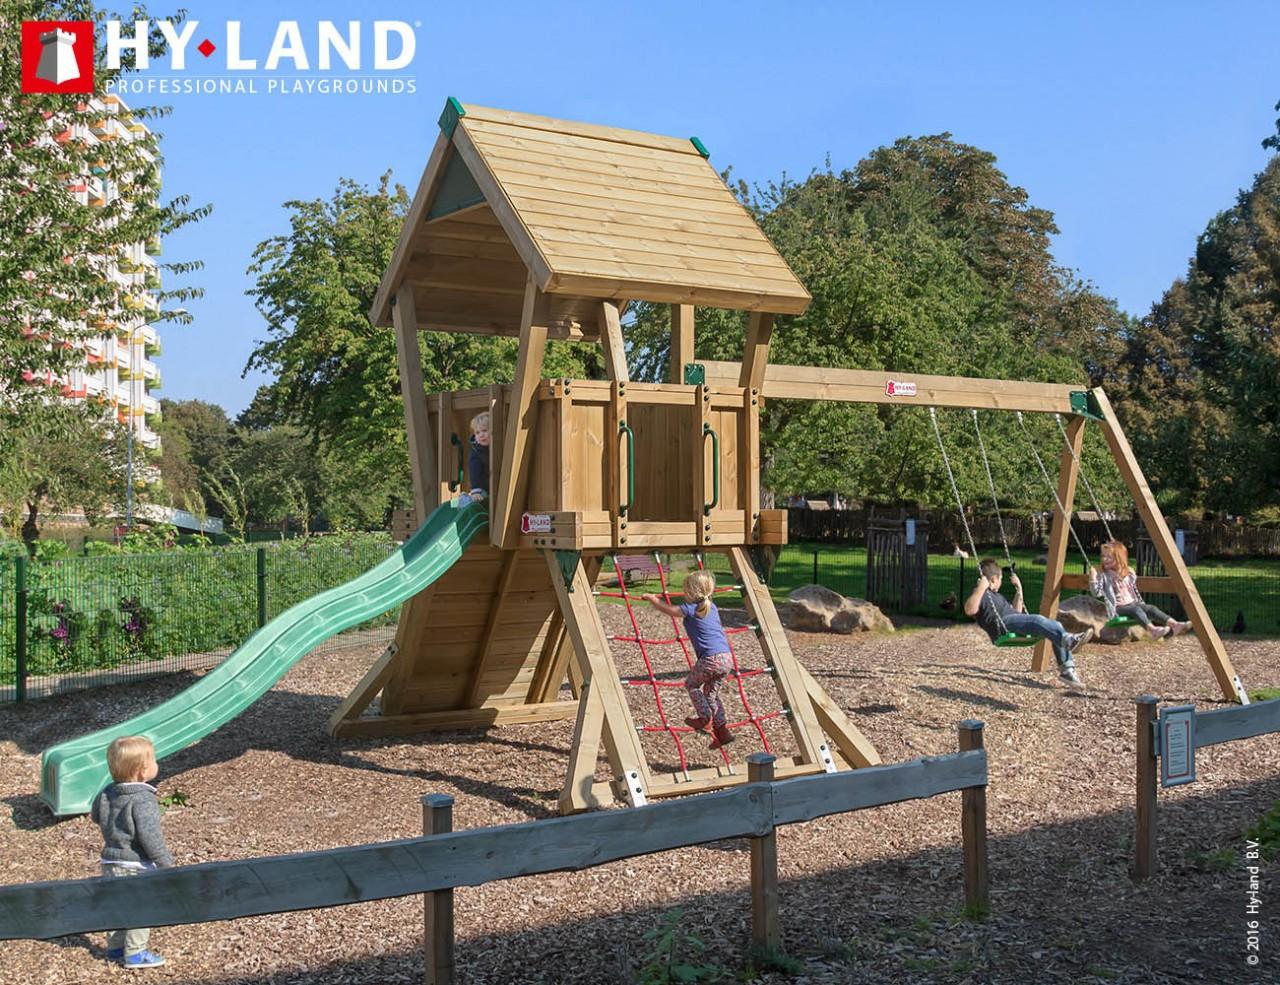 Spielturm Hy-Land Q2-S in Douglasie